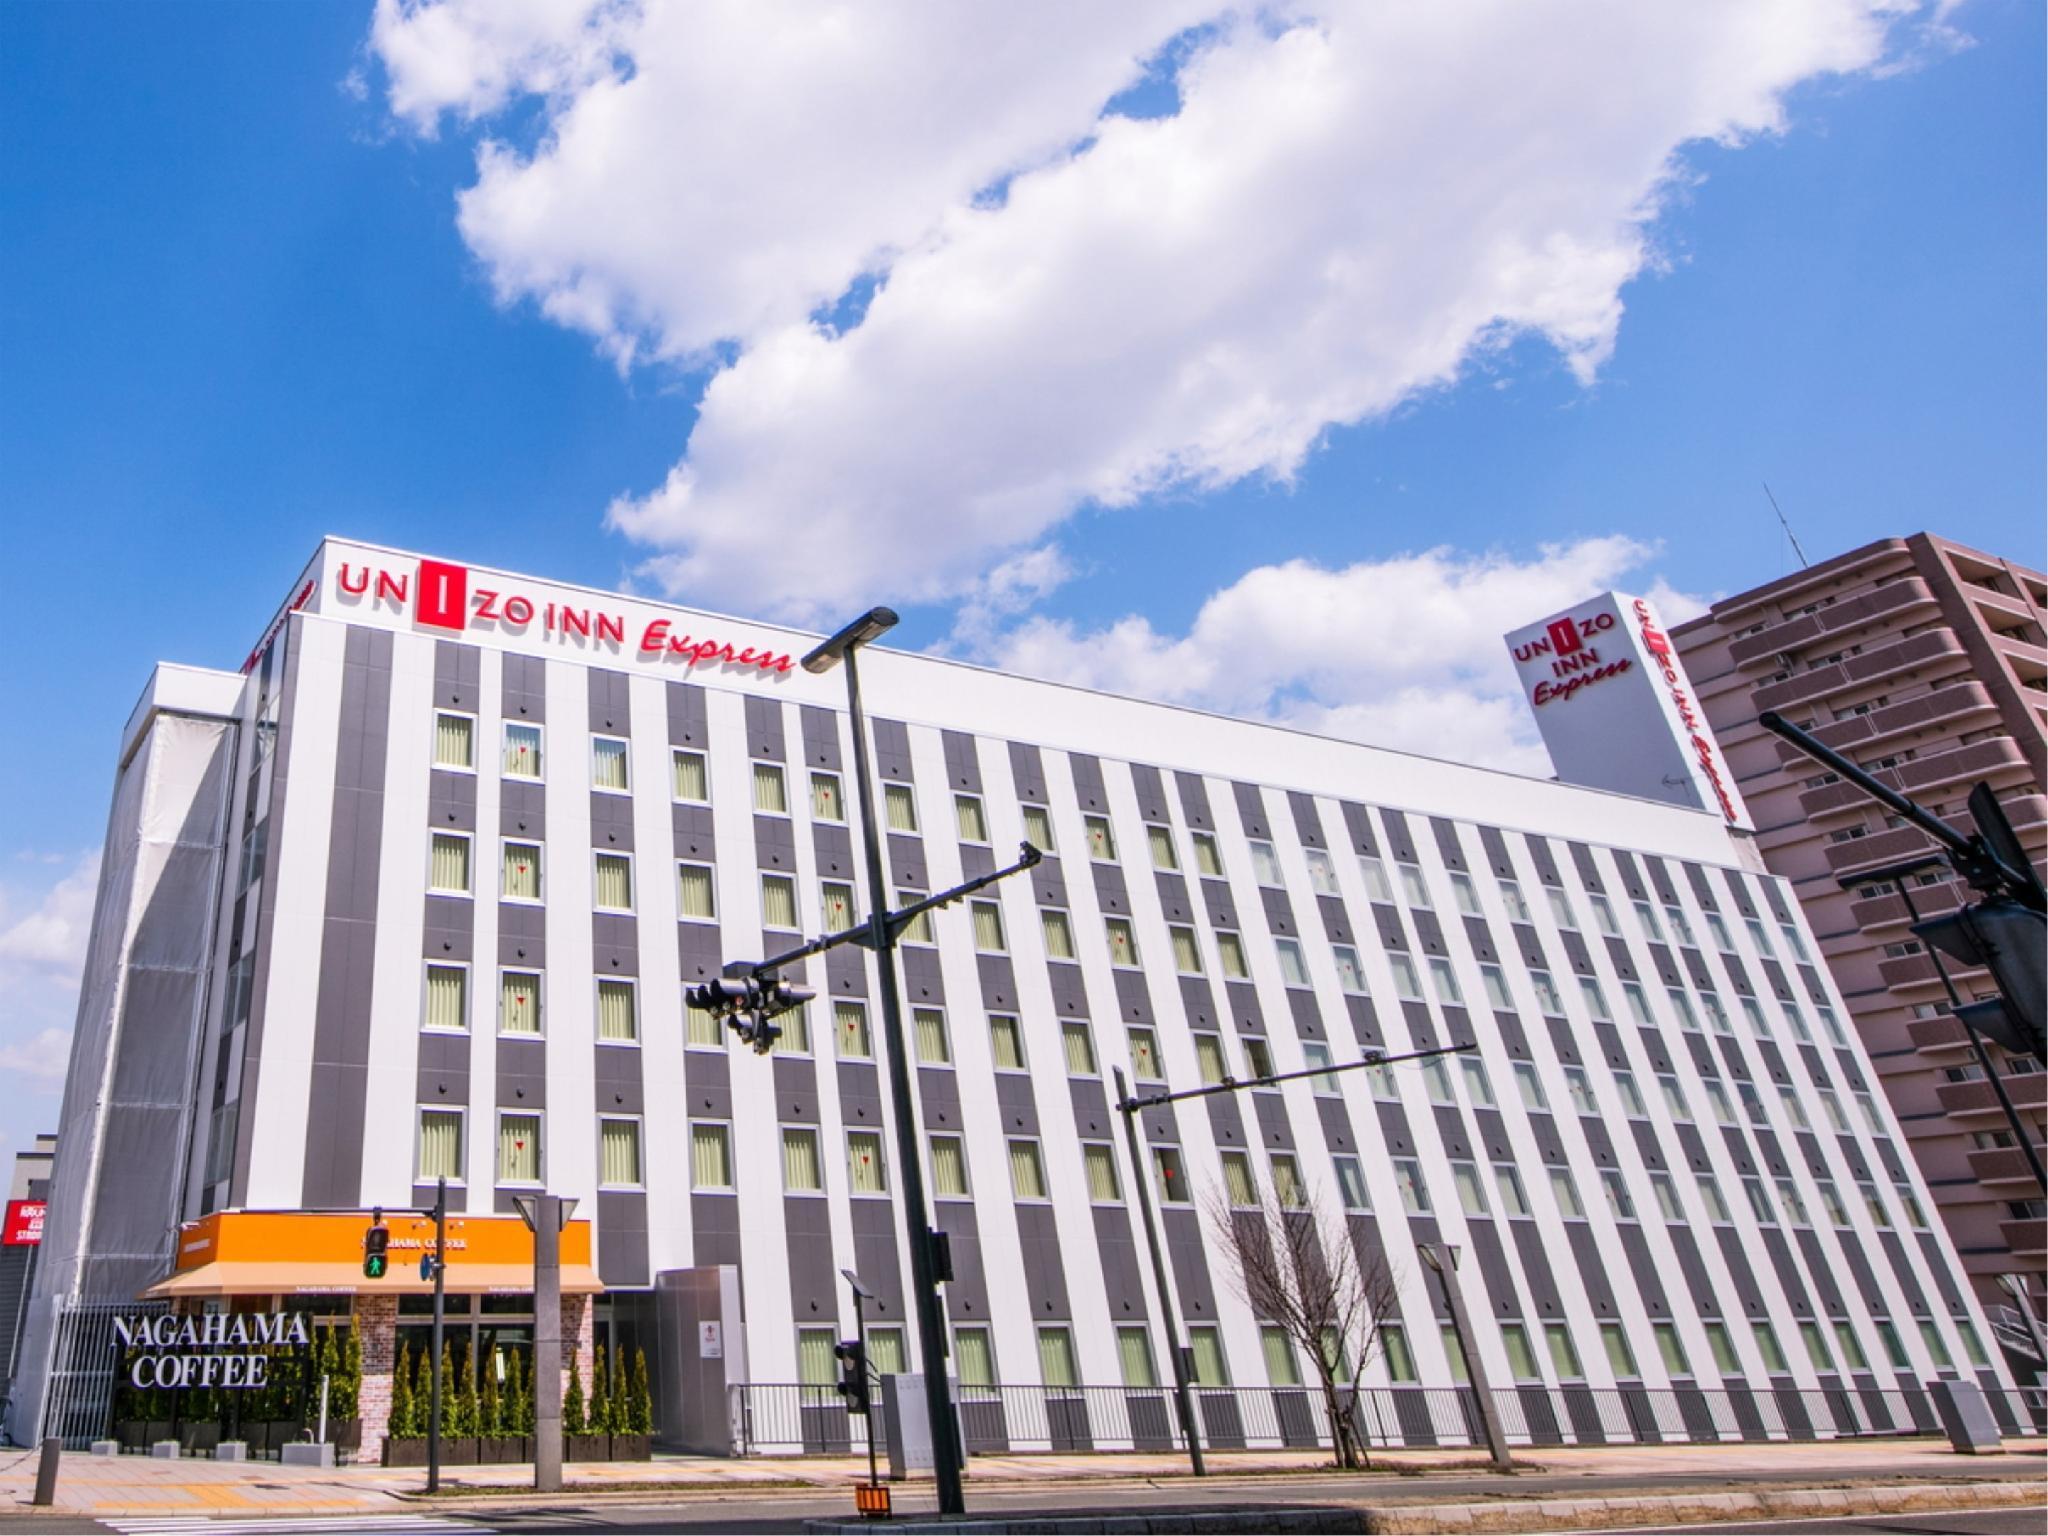 Unizo Inn Express Morioka